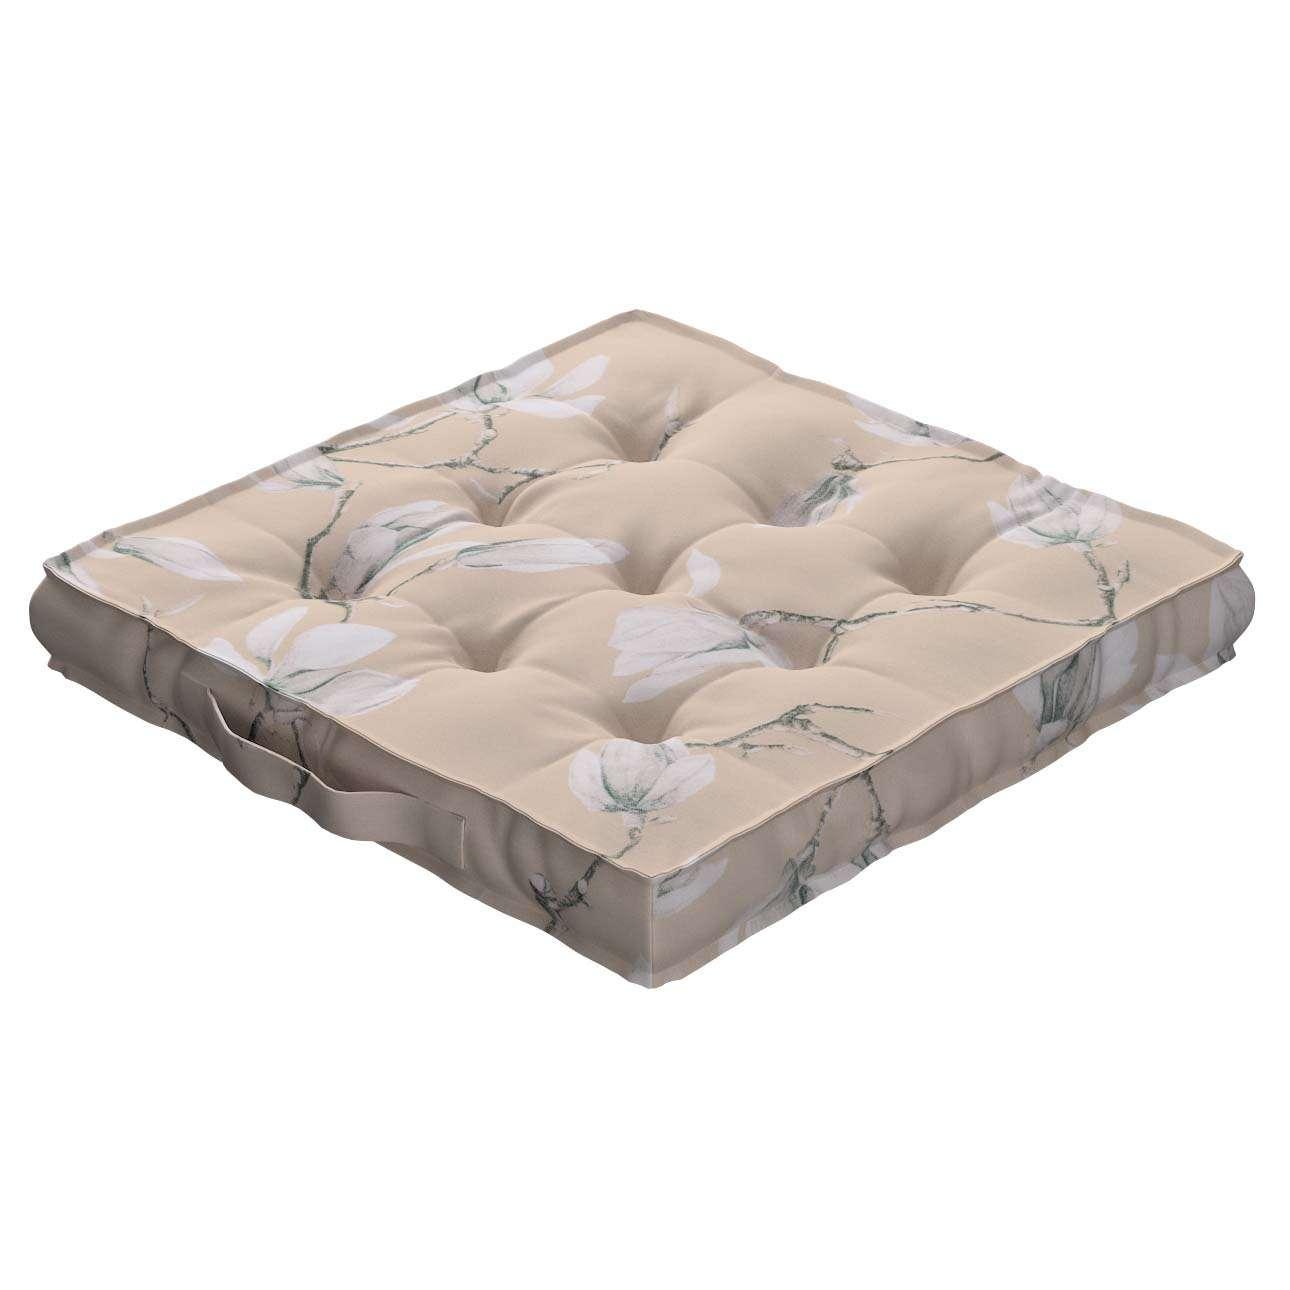 Sitzkissen Jacob mit Handgriff 40 x 40 x 6 cm von der Kollektion Flowers, Stoff: 311-12